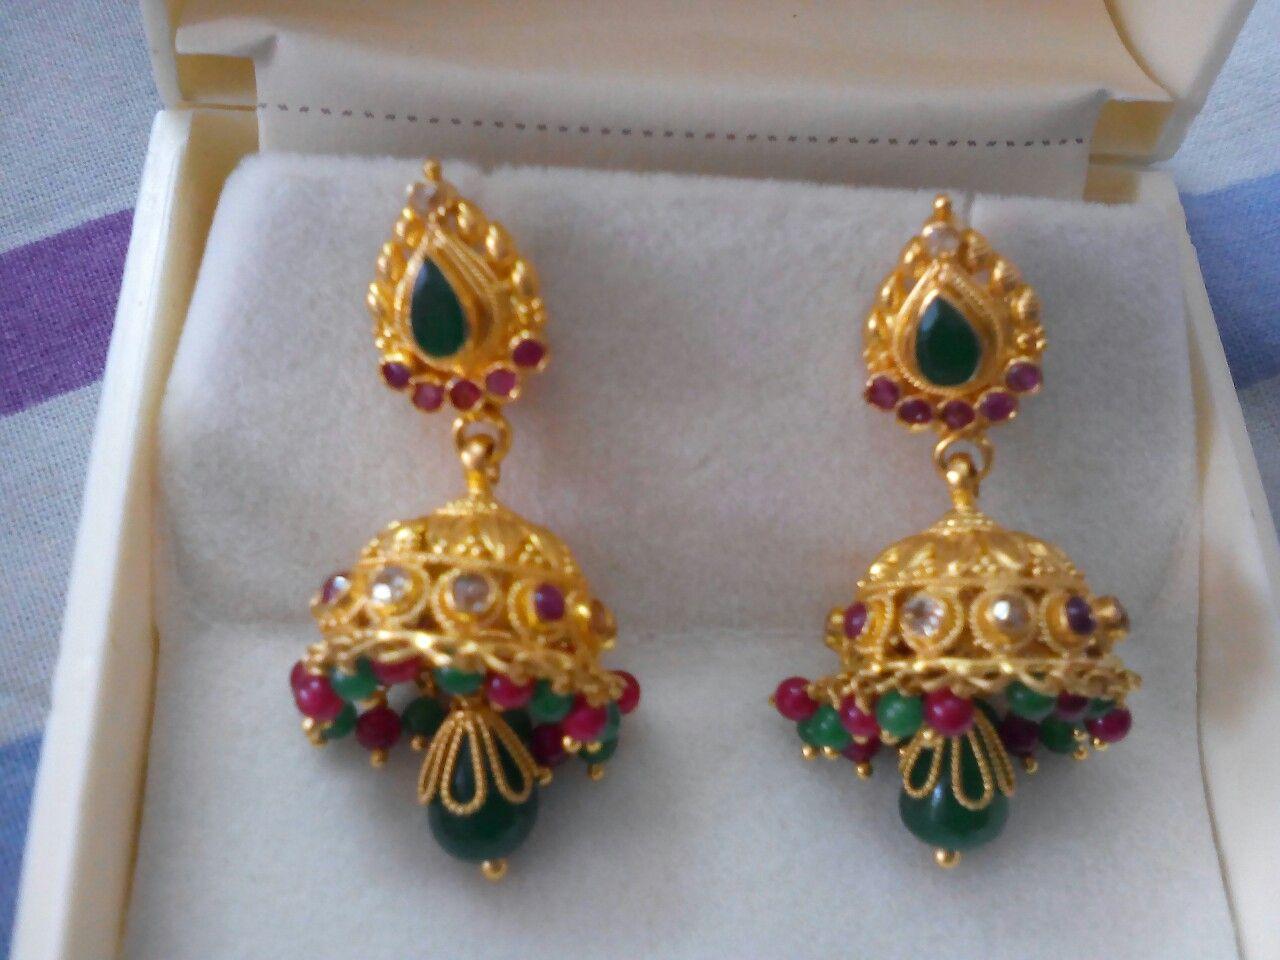 Pin by Vemula Sasikala on gold | Pinterest | Ear rings, India ...